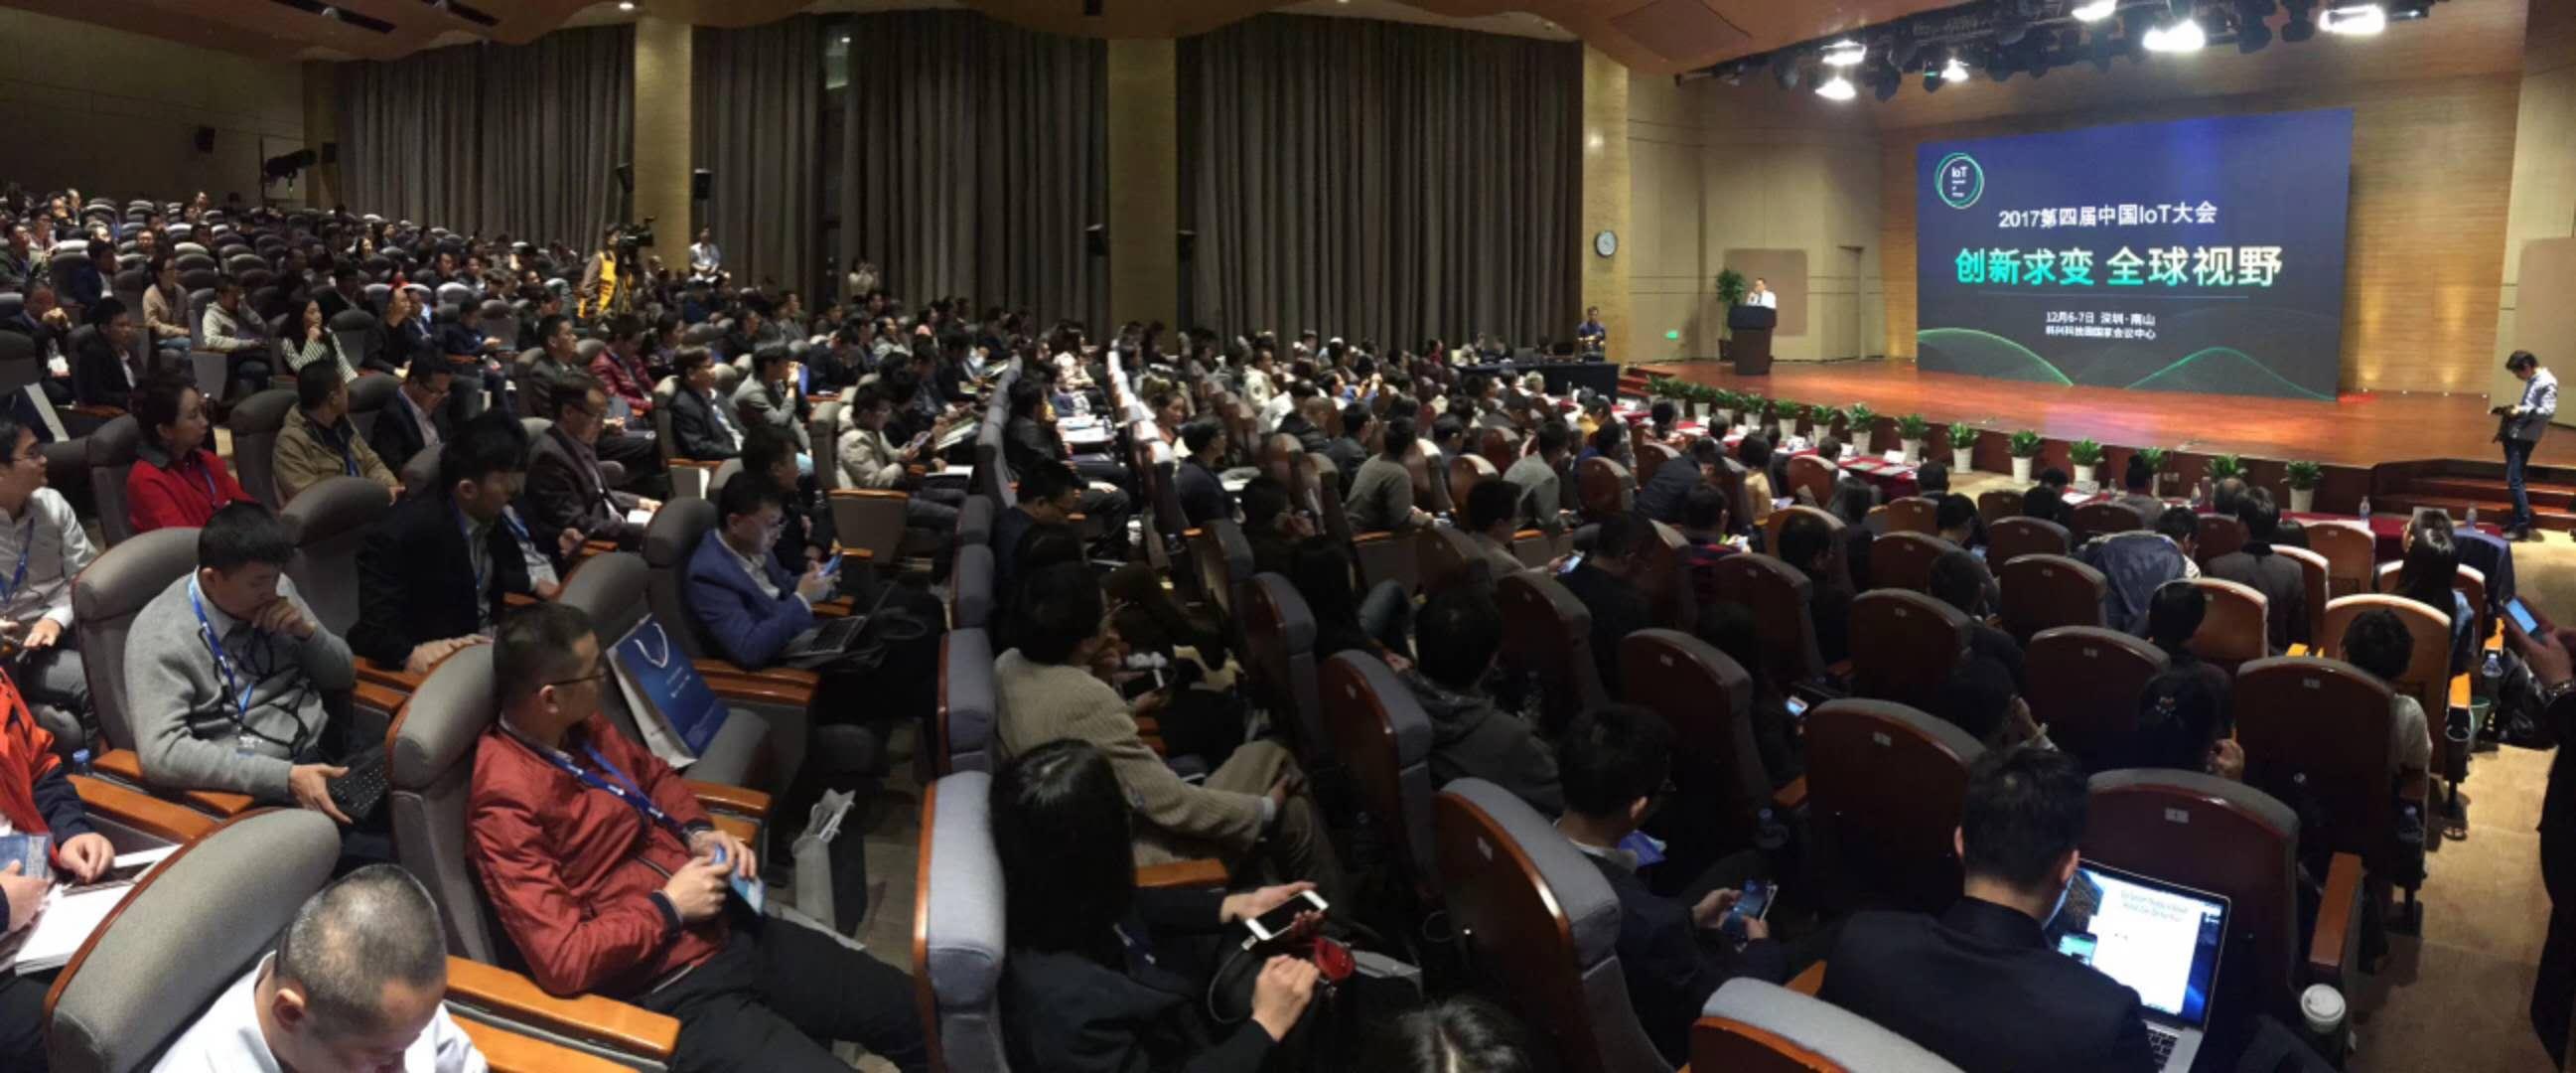 500+领军大佬,1000+位技术精英,共聚2017中国物联网大会产业发展高峰论坛